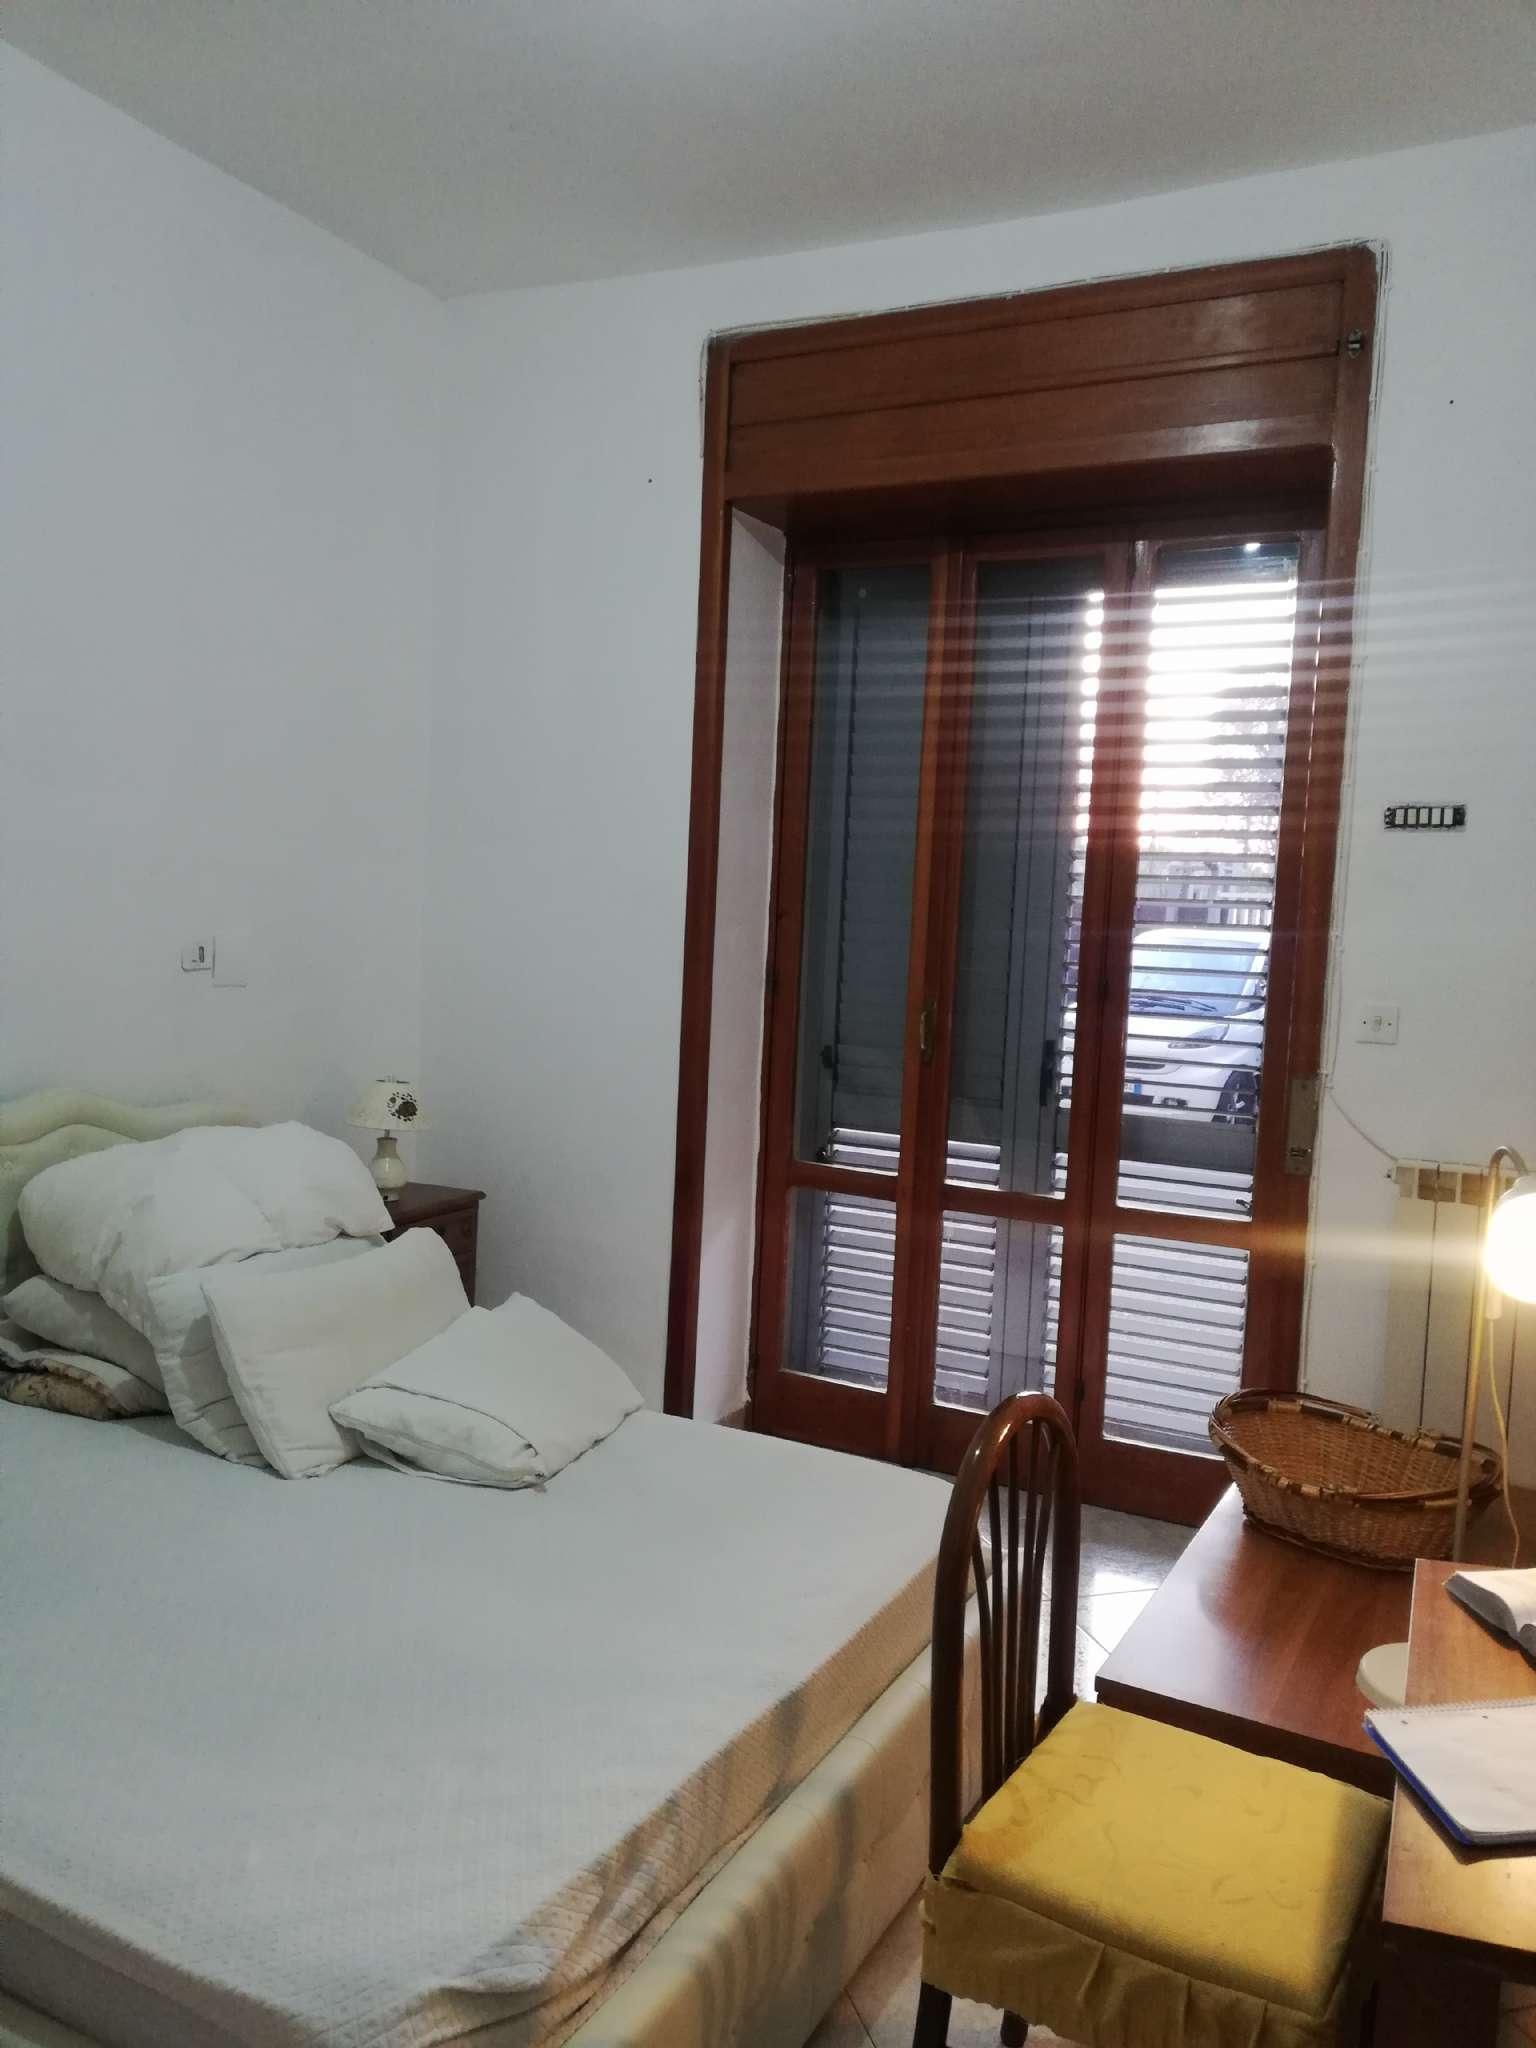 Somma Vesuviana Somma Vesuviana Affitto APPARTAMENTO >> alloggi vendita, appartamenti a torino